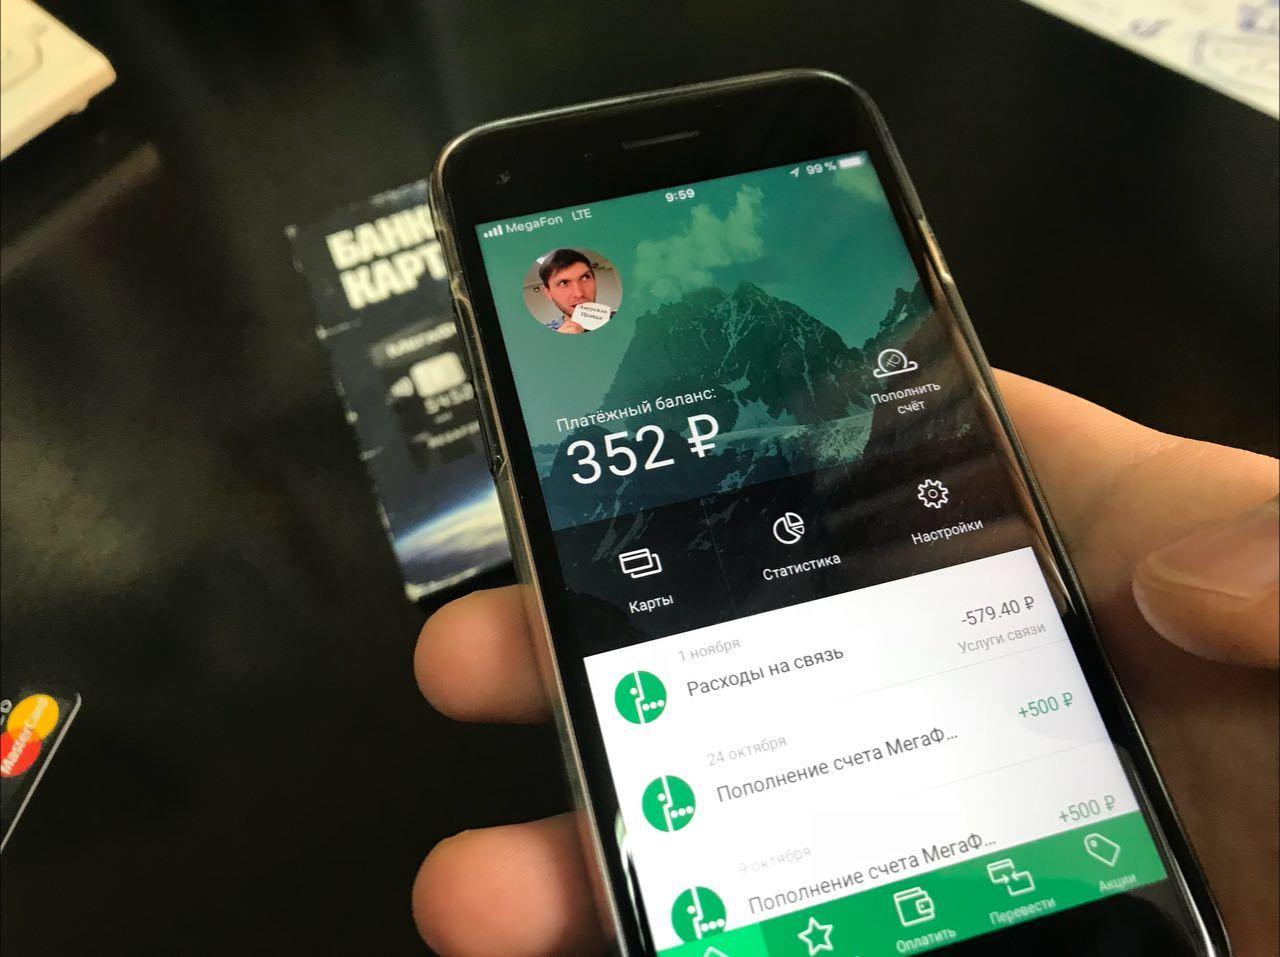 Если оплатил картой покупку можно ли сдать обратно телефон